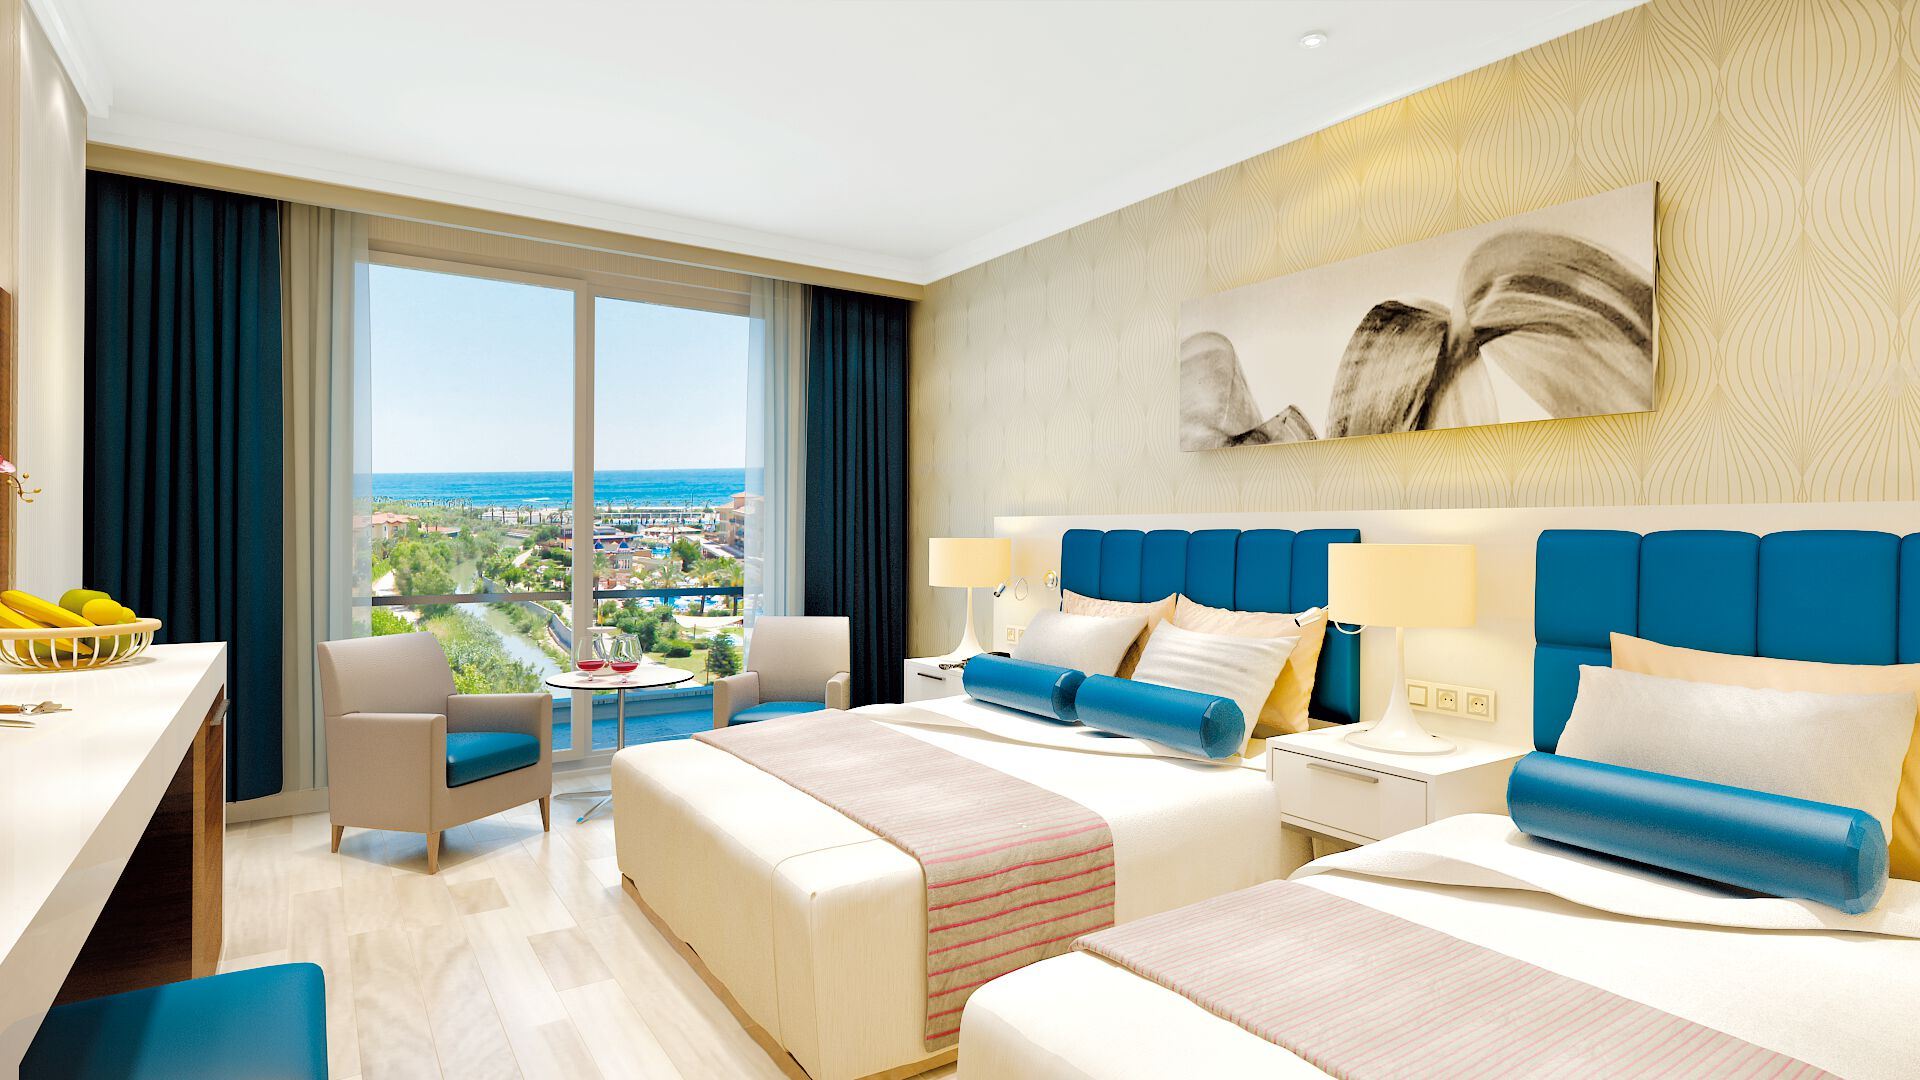 Turquie - Side - Hôtel Luna Blanca Resort & Spa 5*